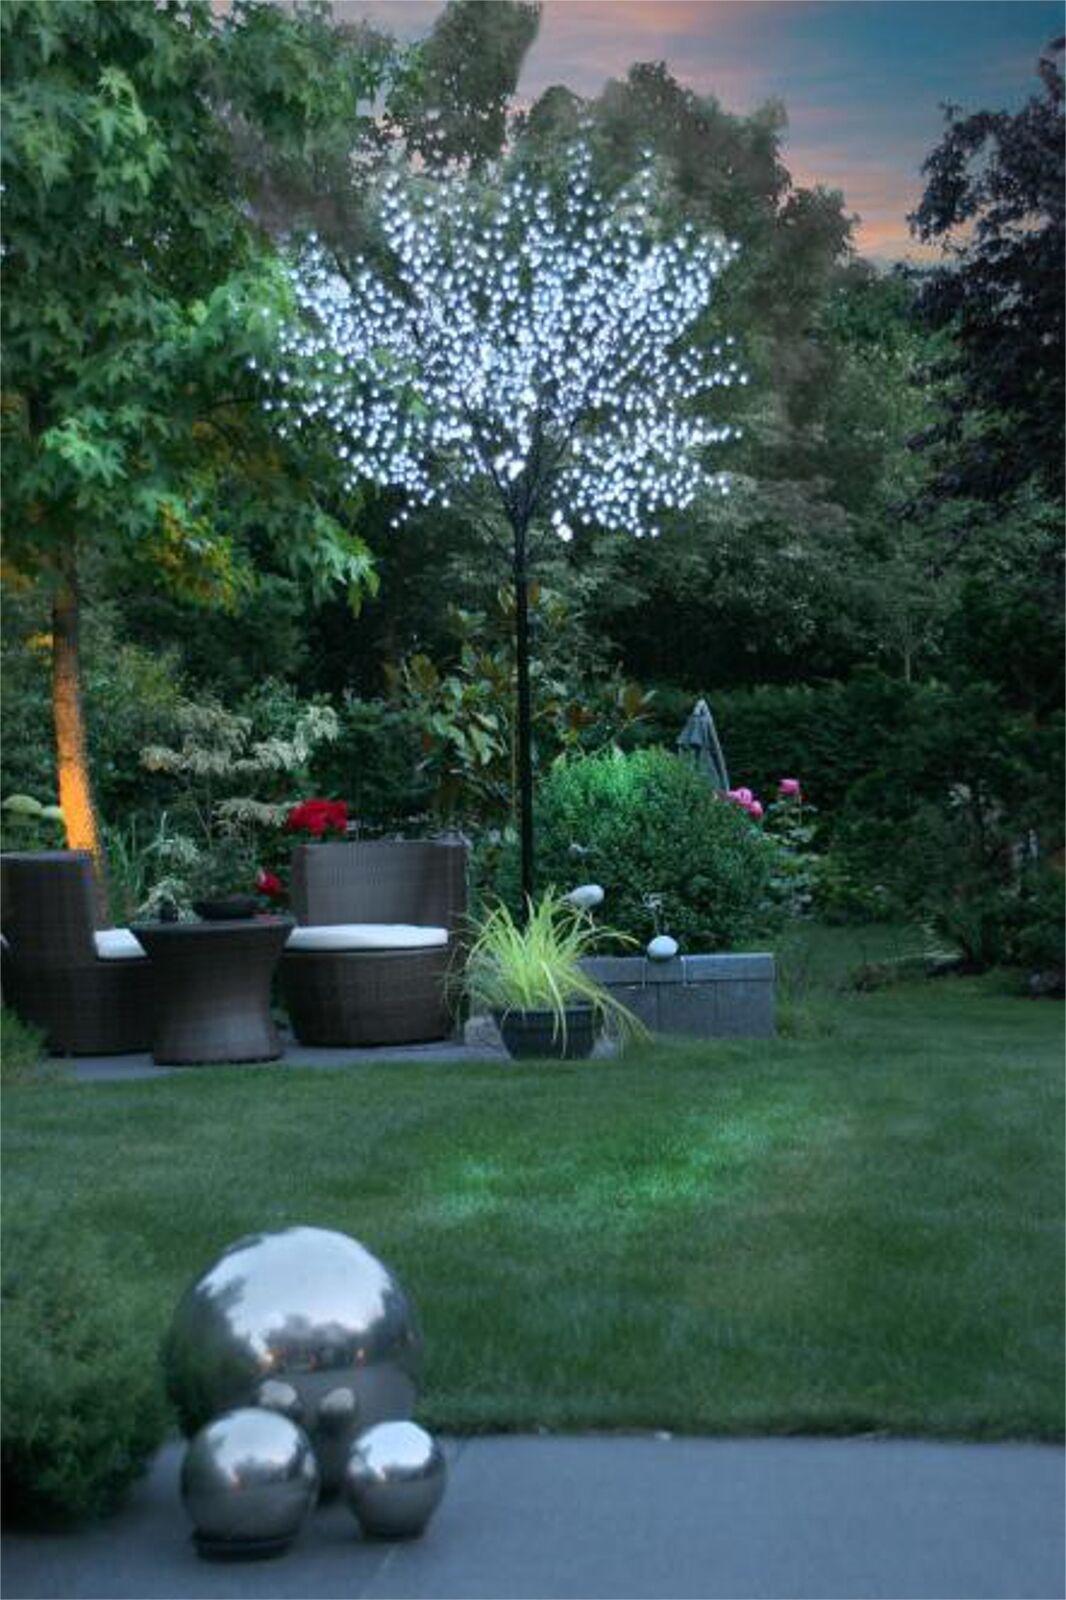 Weihnachtsbaum Cherry Lichterbaum Lichterbaum Lichterbaum Baum LED kaltweiß 1200 LEDs 3,5 m IP44 TÜV GS   Feinen Qualität  17e254